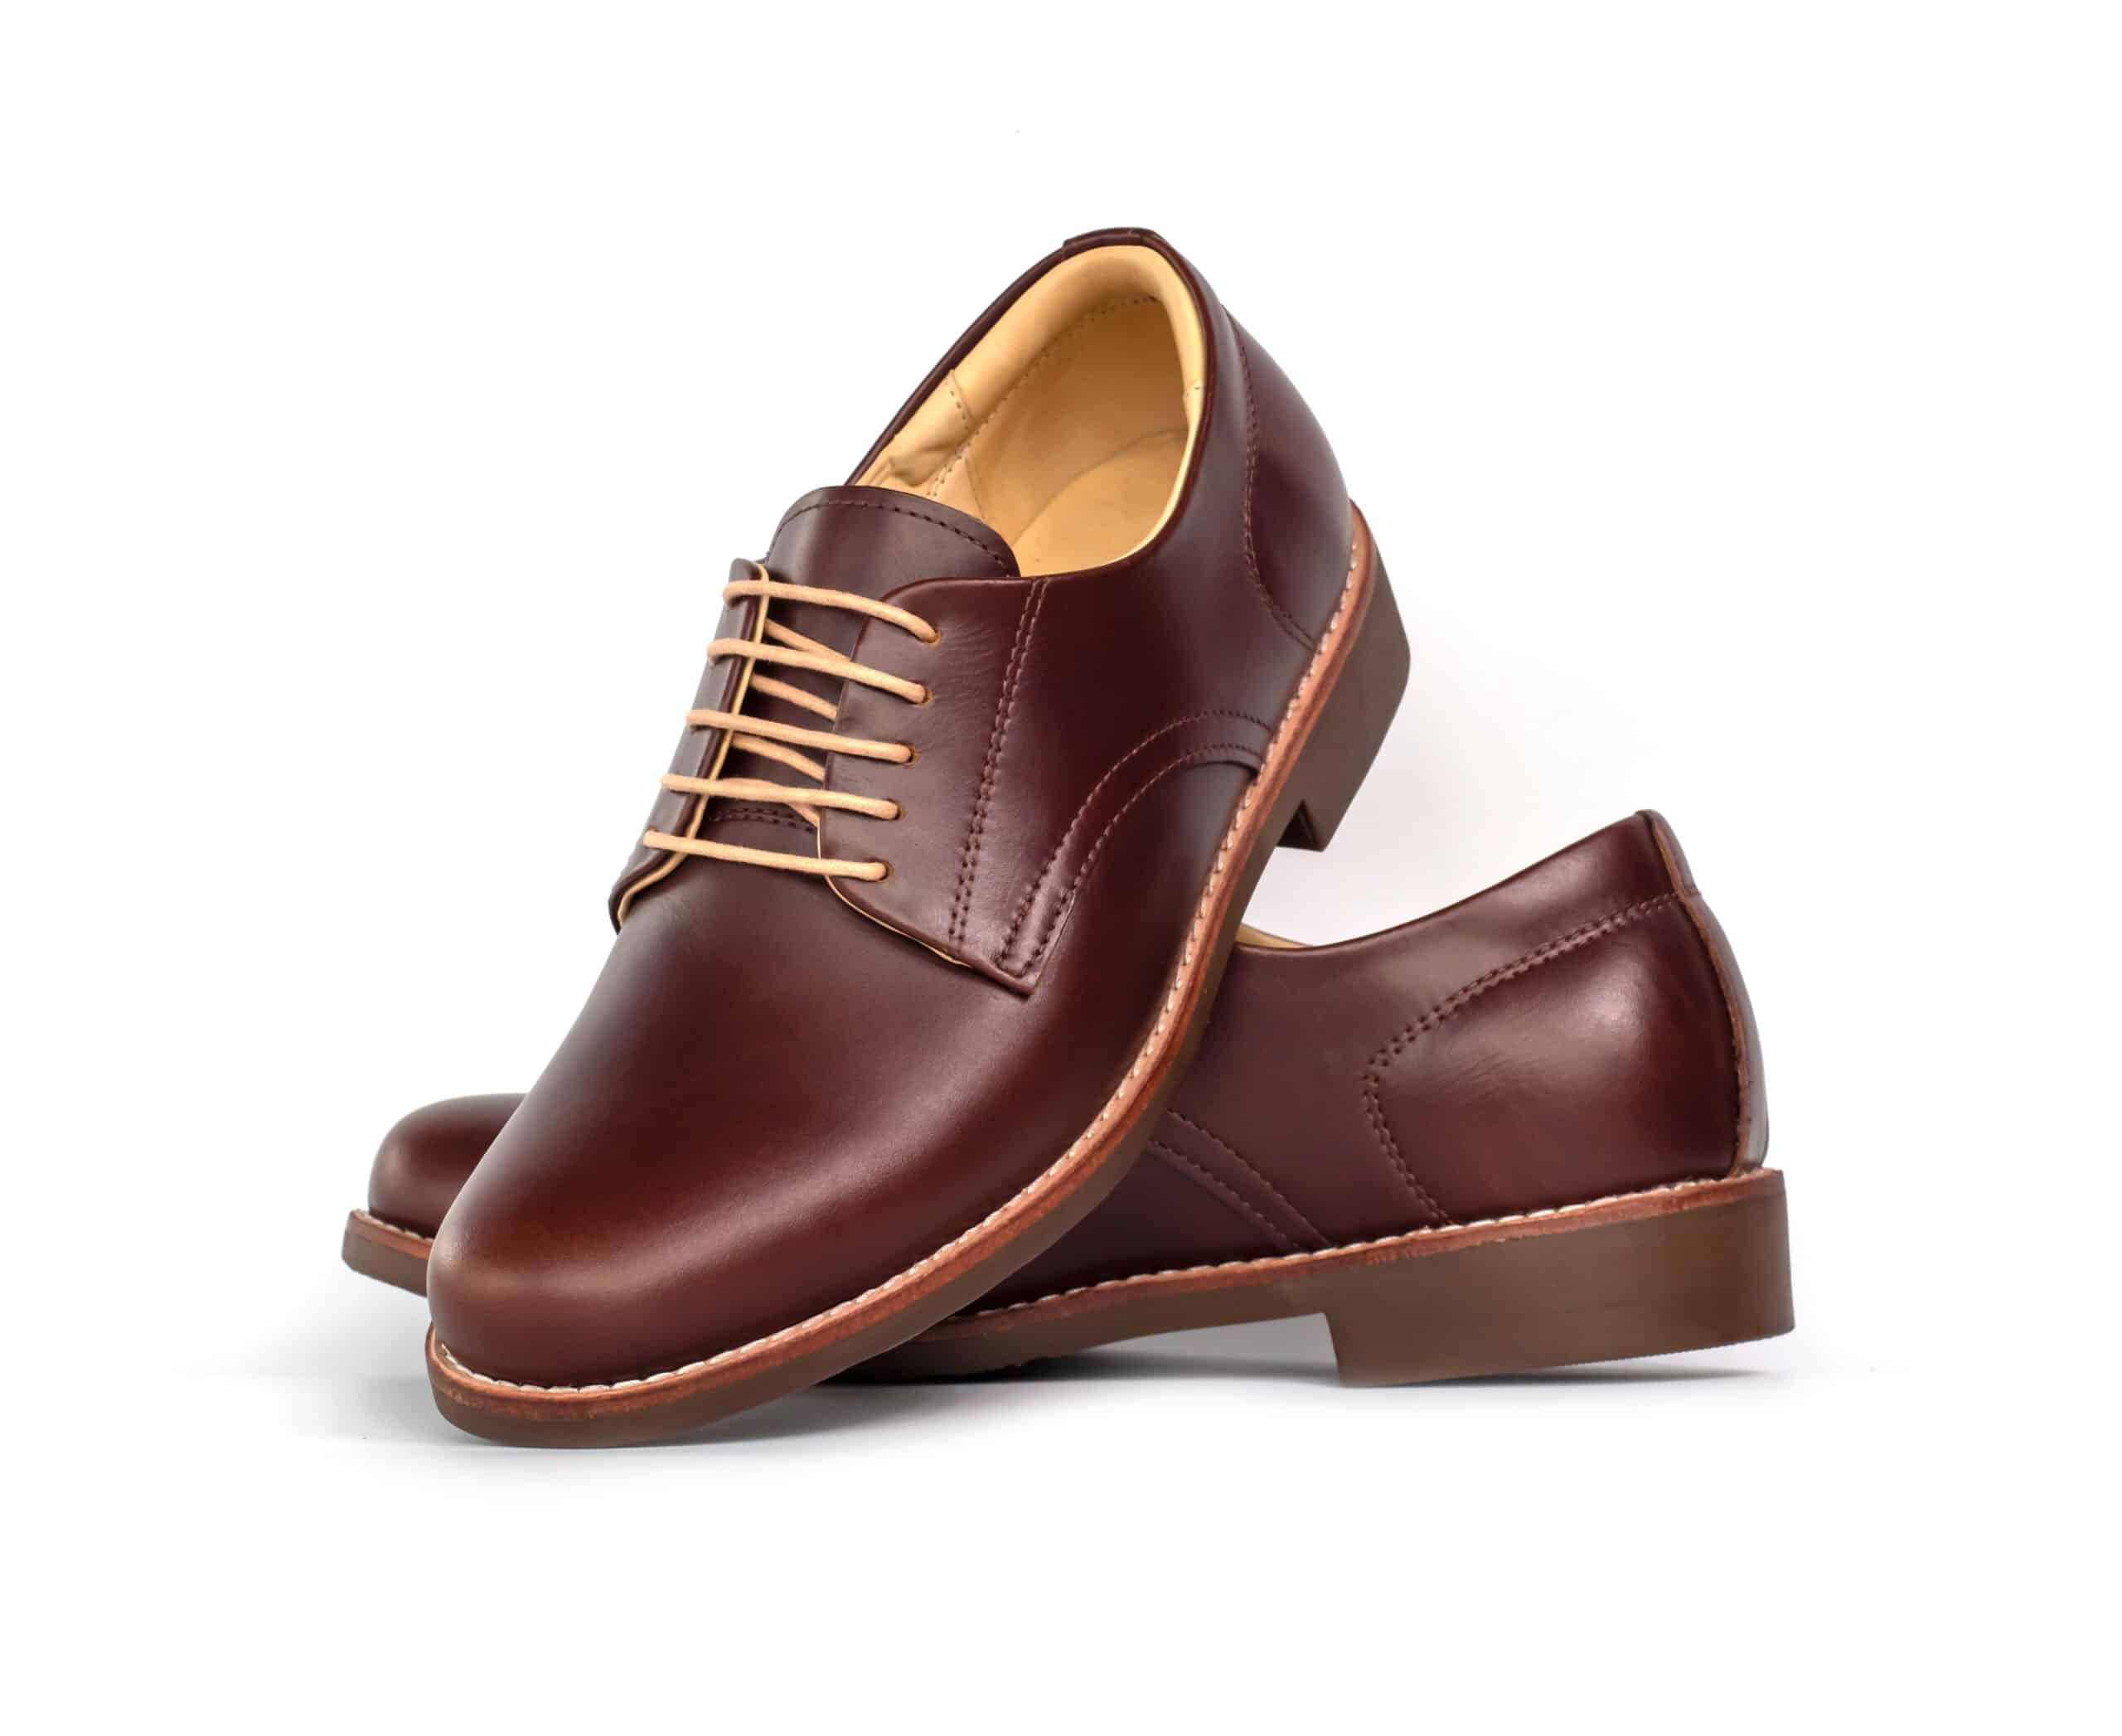 Schuhfotografie – Dynamisch und lebendig aufnehmen